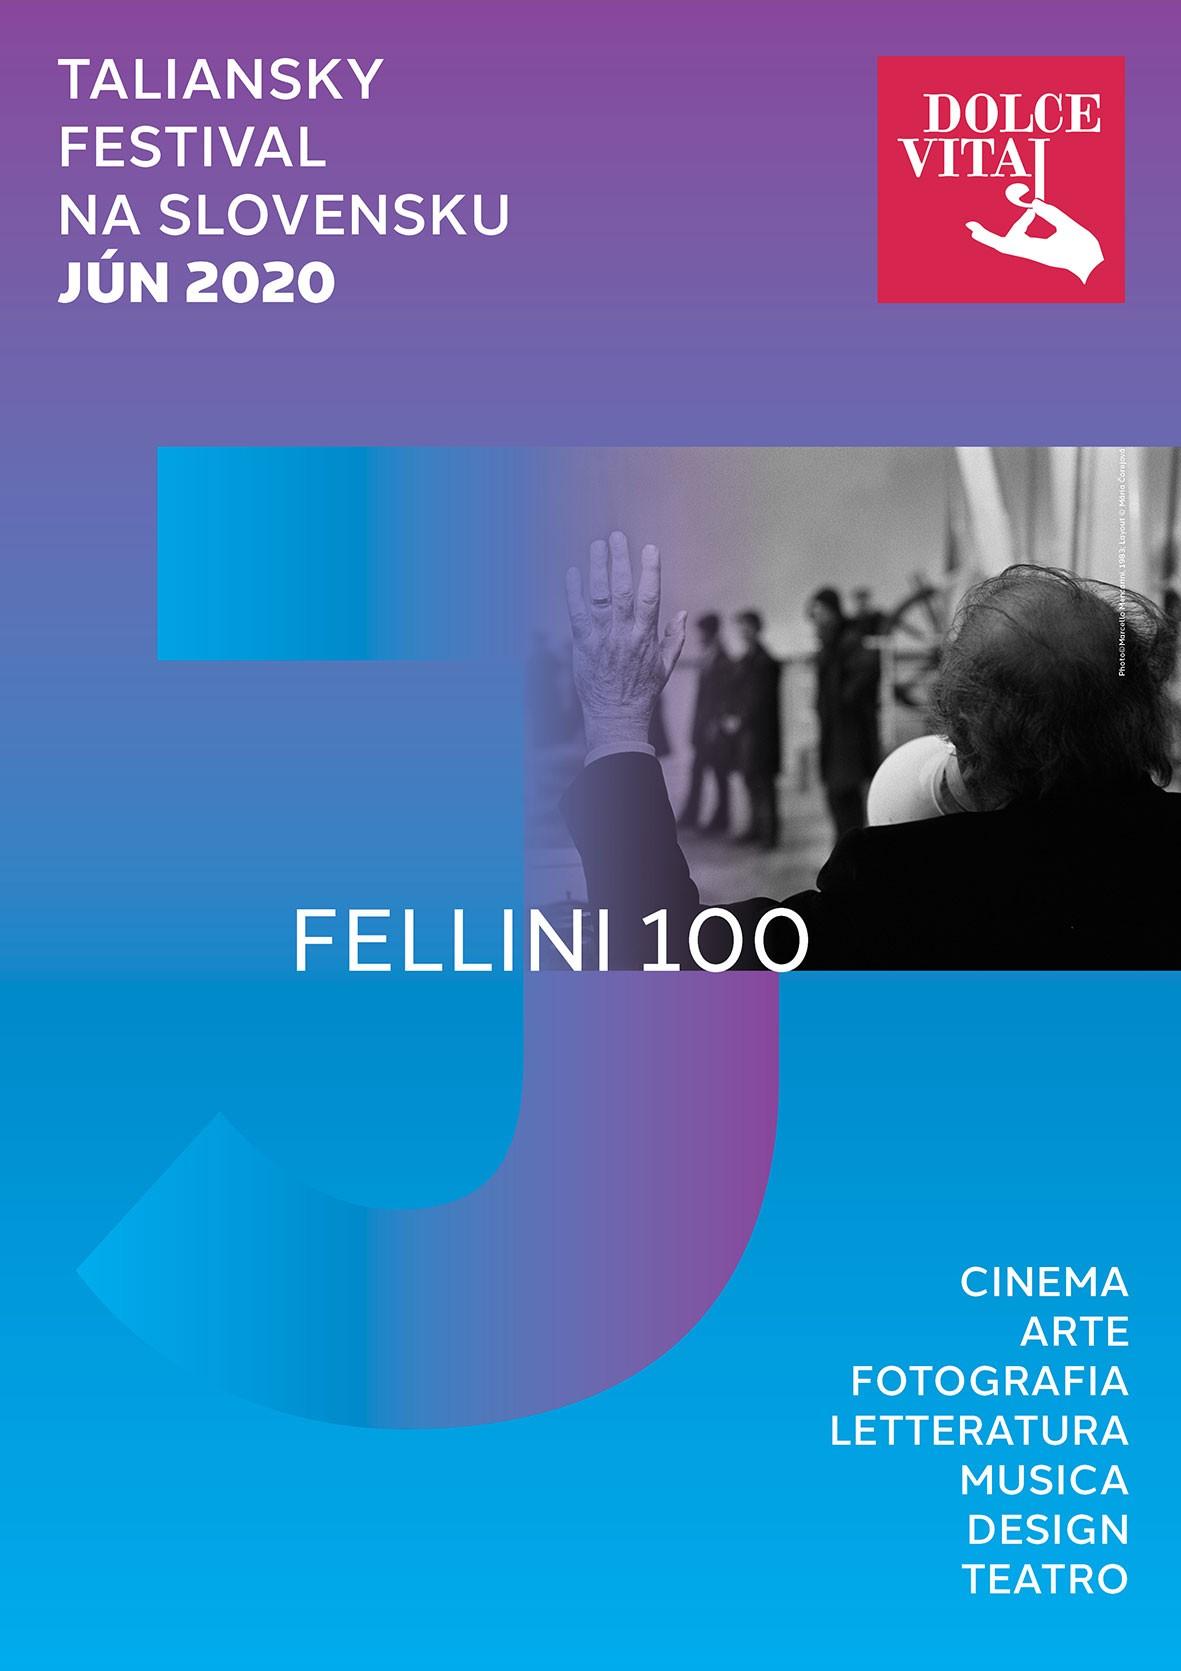 Dolce vitaj 2020, visual